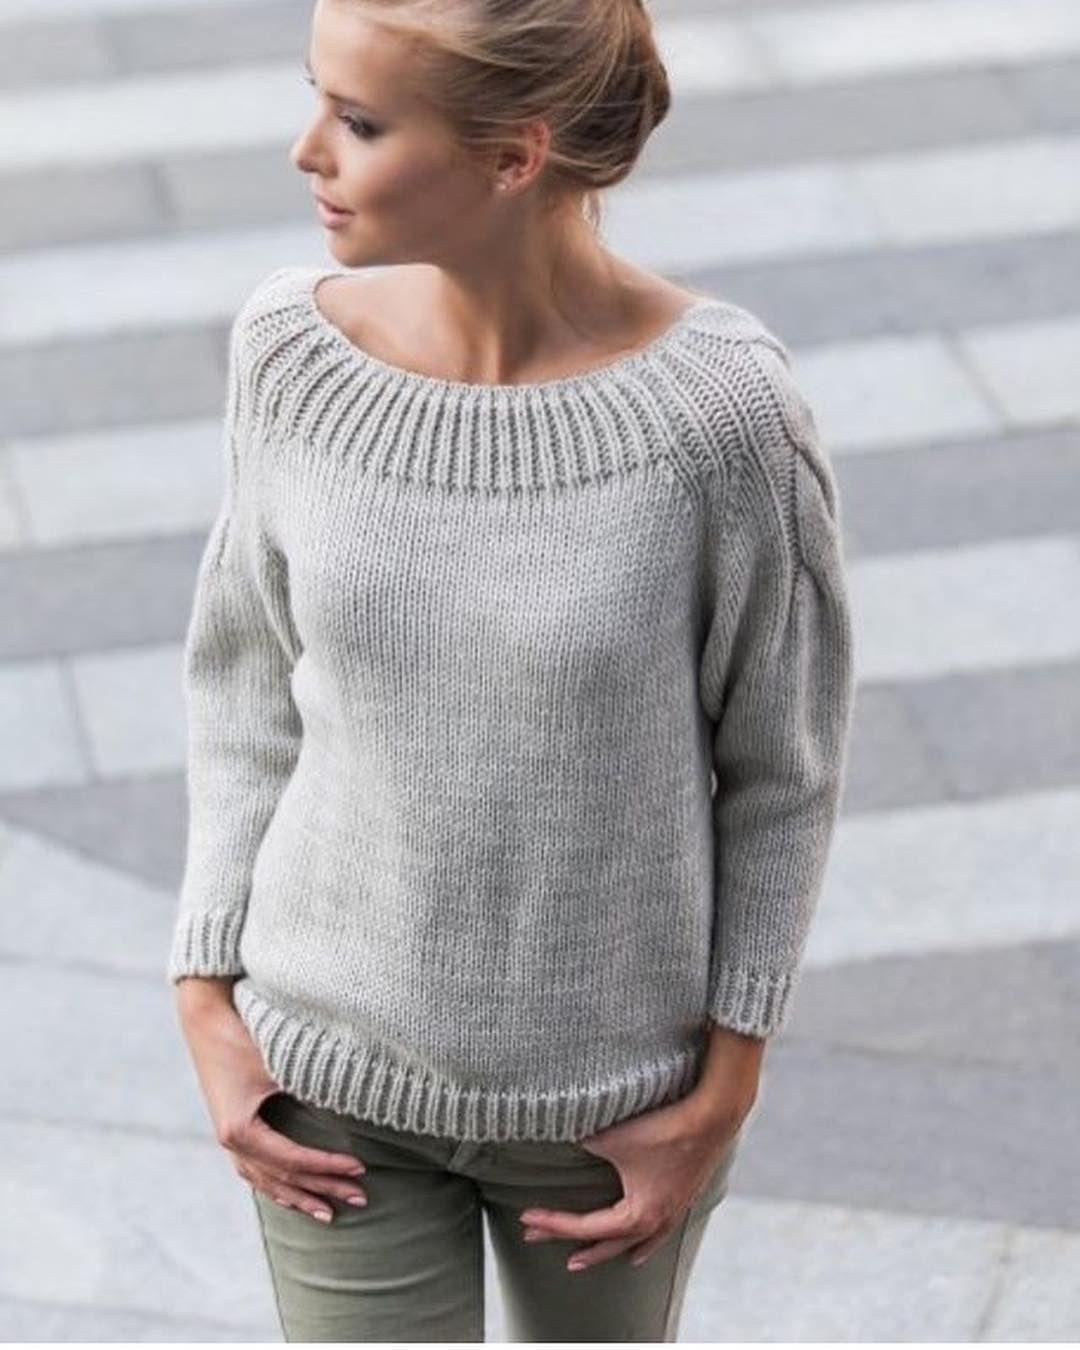 россии вязаный пуловер с картинками можете заказать